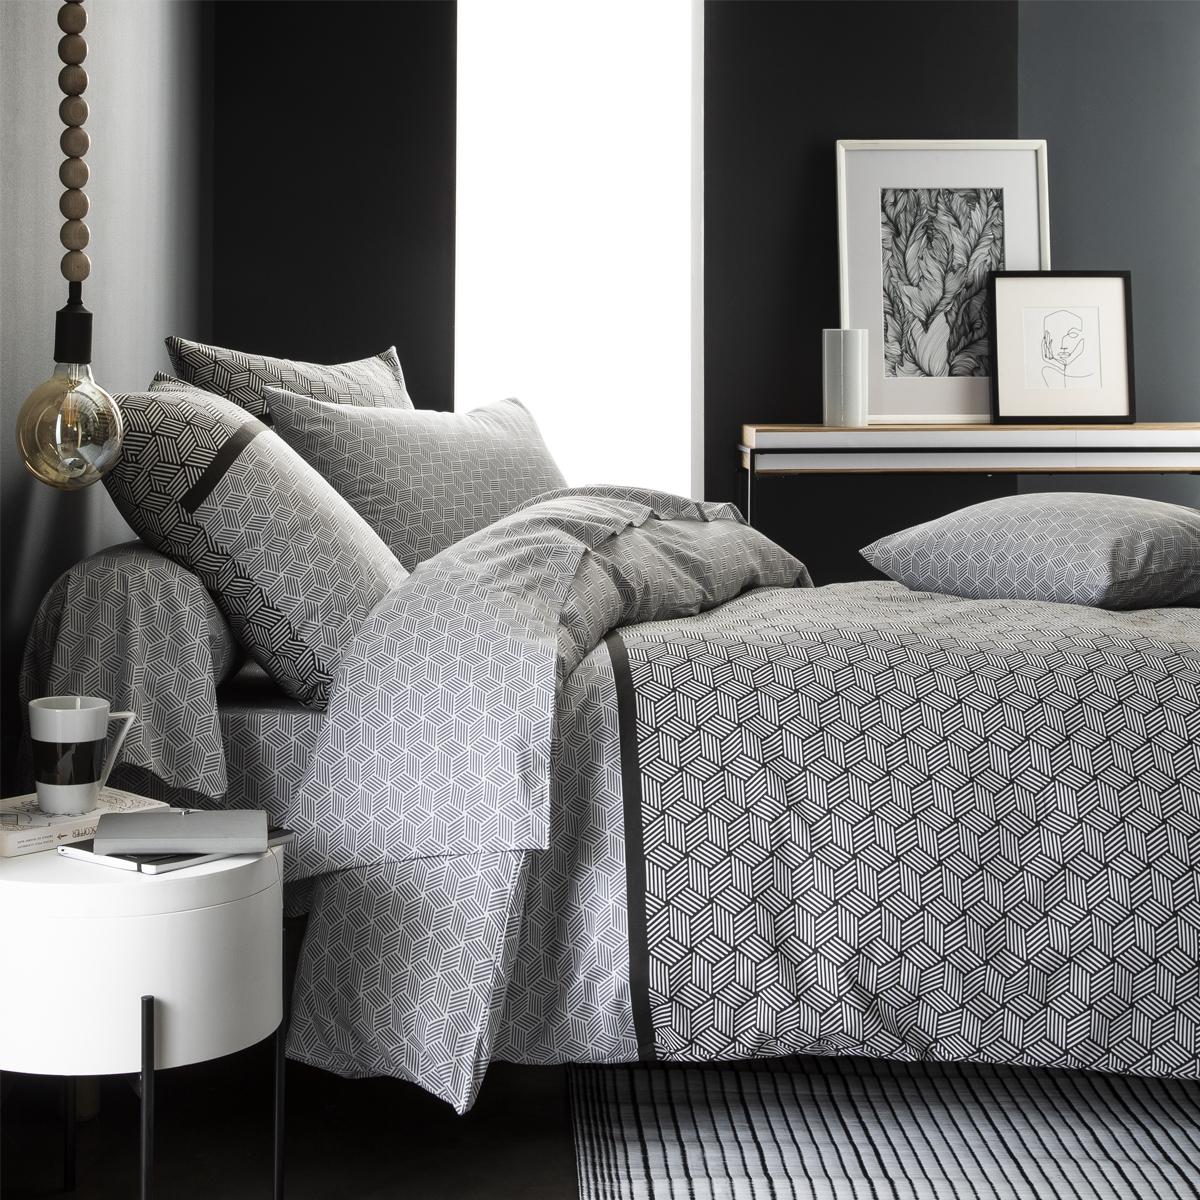 Parure de lit imprimée en bambou blanc et noir 240x220